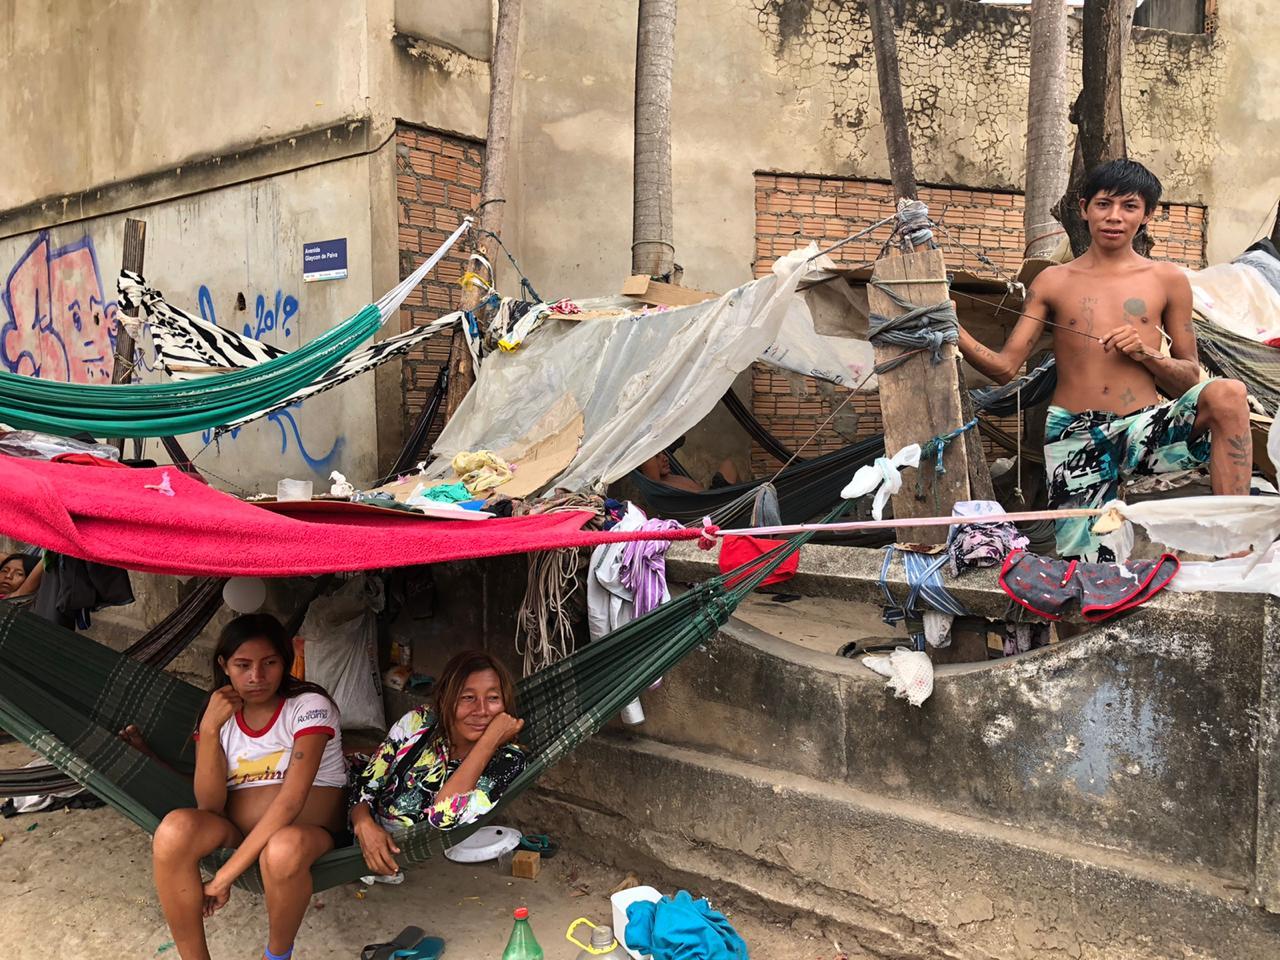 Novos casos de Covid-19 em funcionários indígenas impõem alerta na Terra Yanomami